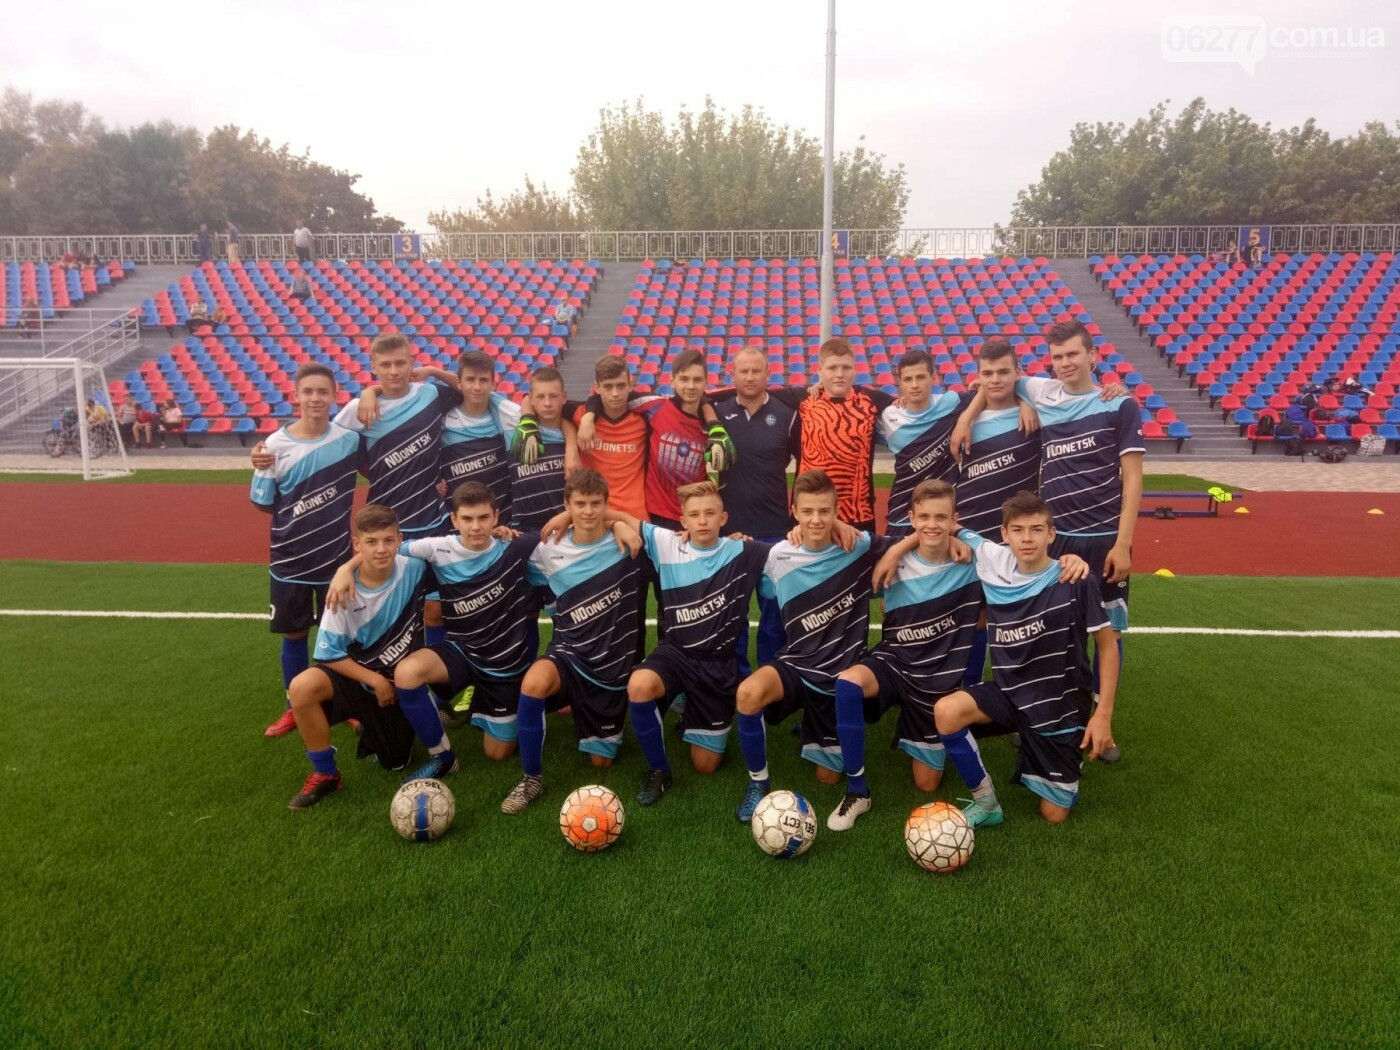 ІІ тур чемпіонату Донецької області з футболу серед дитячо-юнацьких спортивних шкіл та дитячо-юнацьких футбольних клубів, фото-2